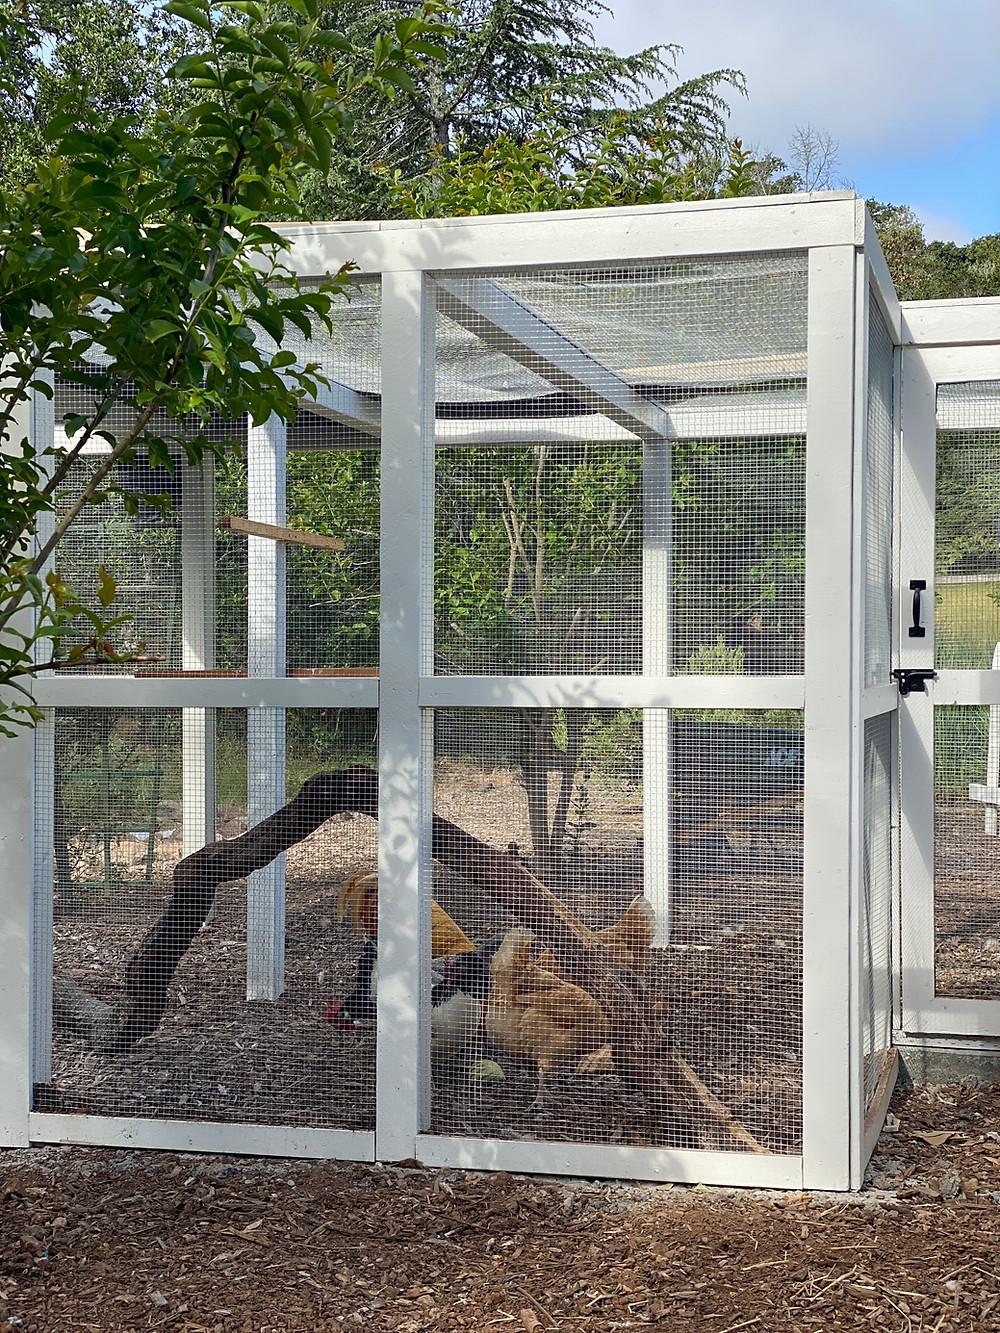 Chicken coops, chicken coop design, backyard chicken run,New chicken coop and run at Rock Haven Farm.